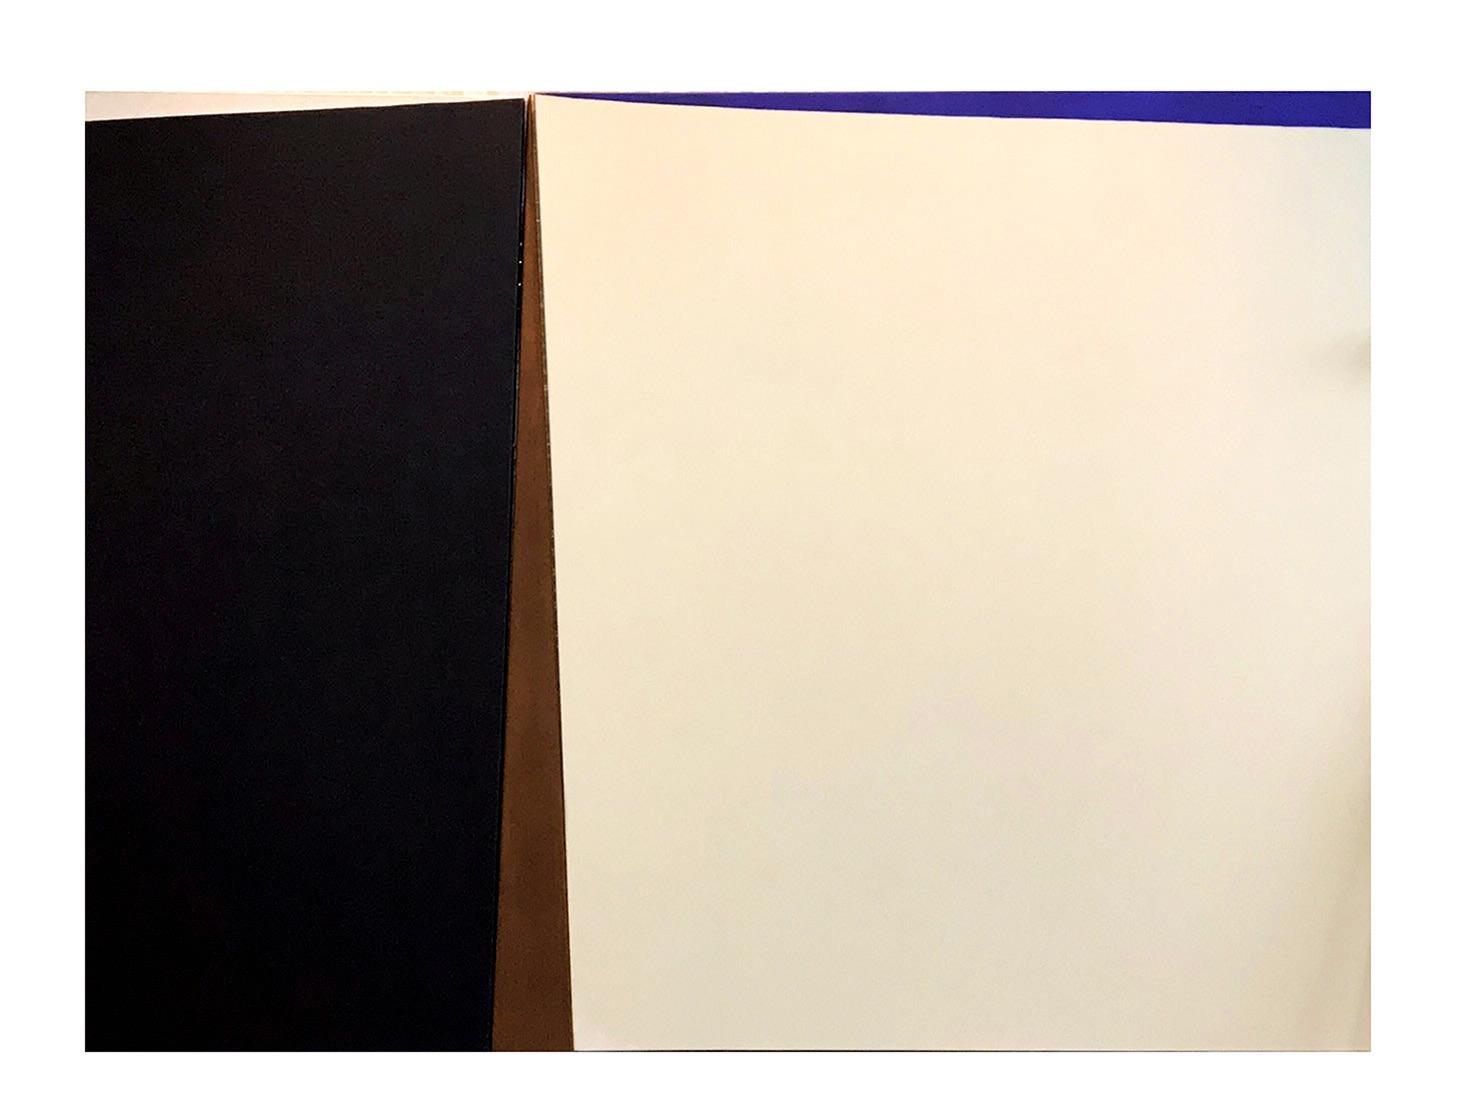 Resistencia #5, 120 x 160 cms